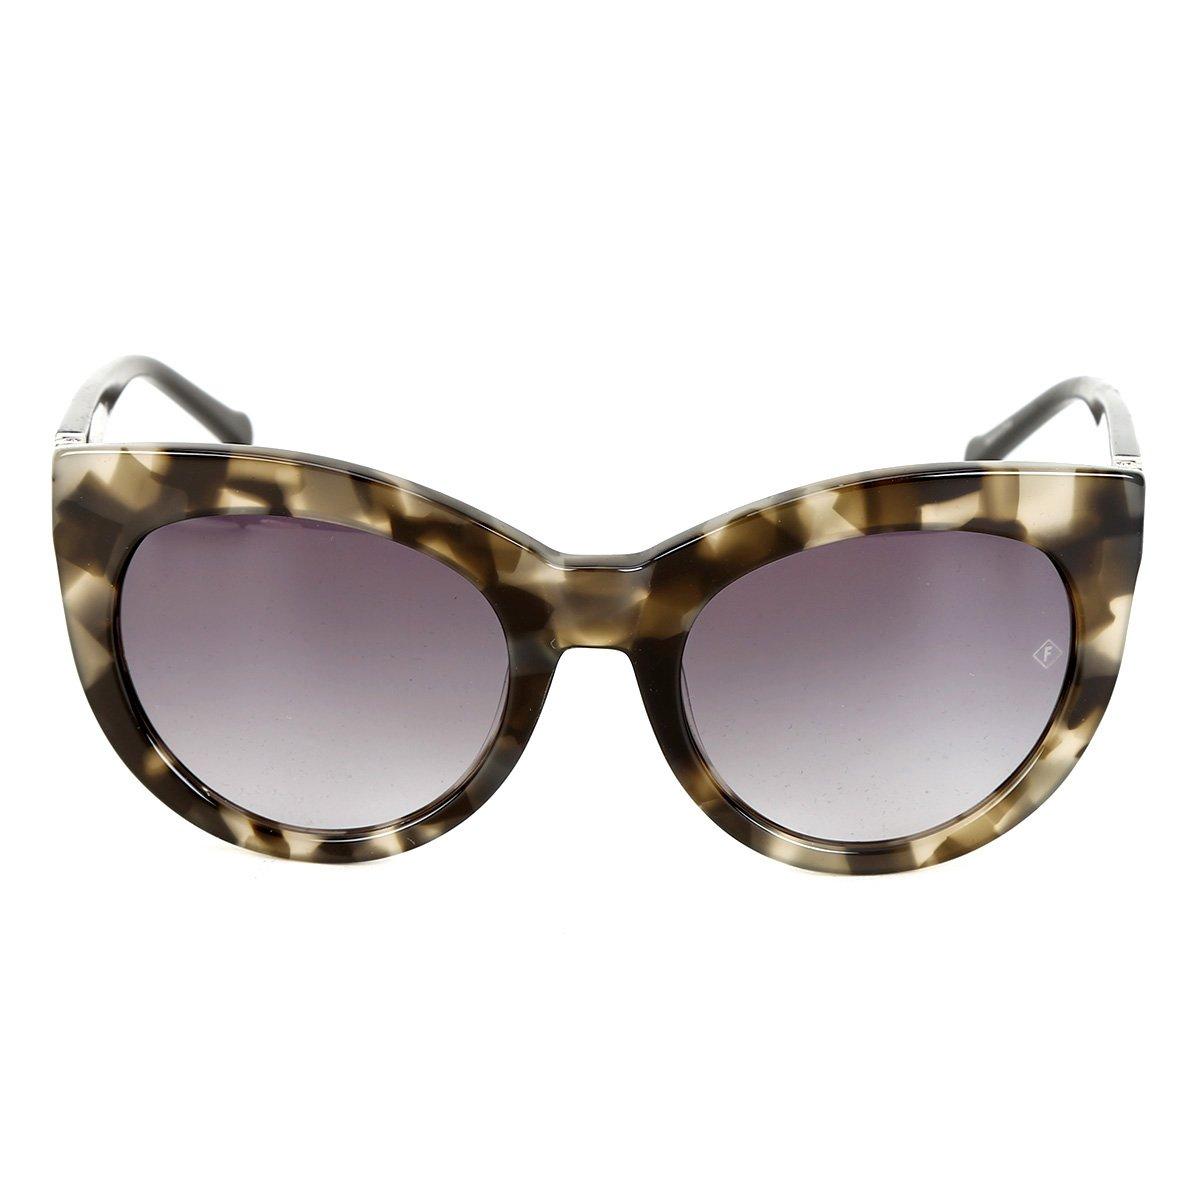 f0890582937c1 Óculos de Sol Forum Demi Feminino - Preto - Compre Agora   Zattini